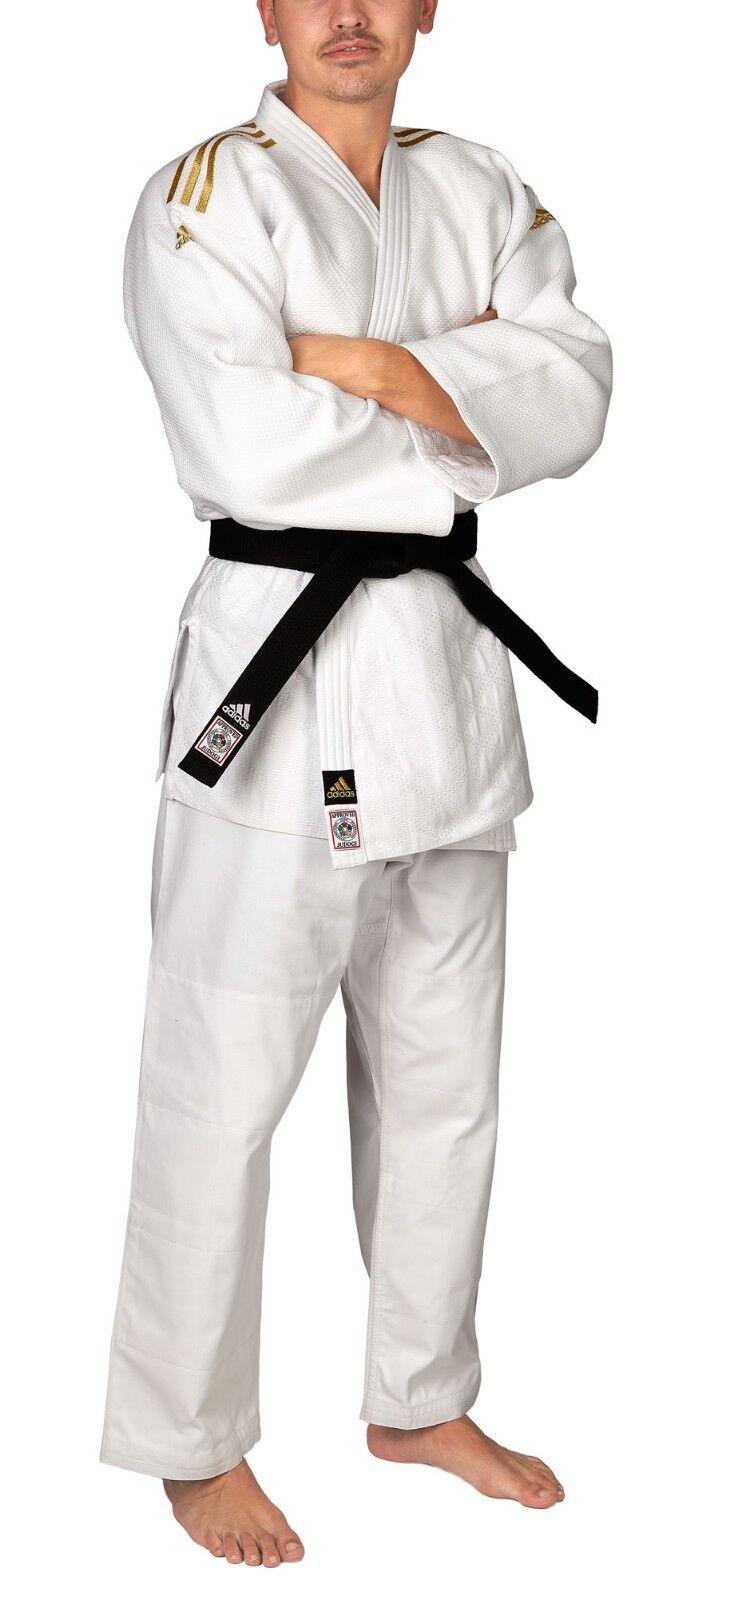 Adidas Judoanzug    CHAMPION II  IJF weiß Goldene Streifen JIJF - Judo-Anzug 352cde